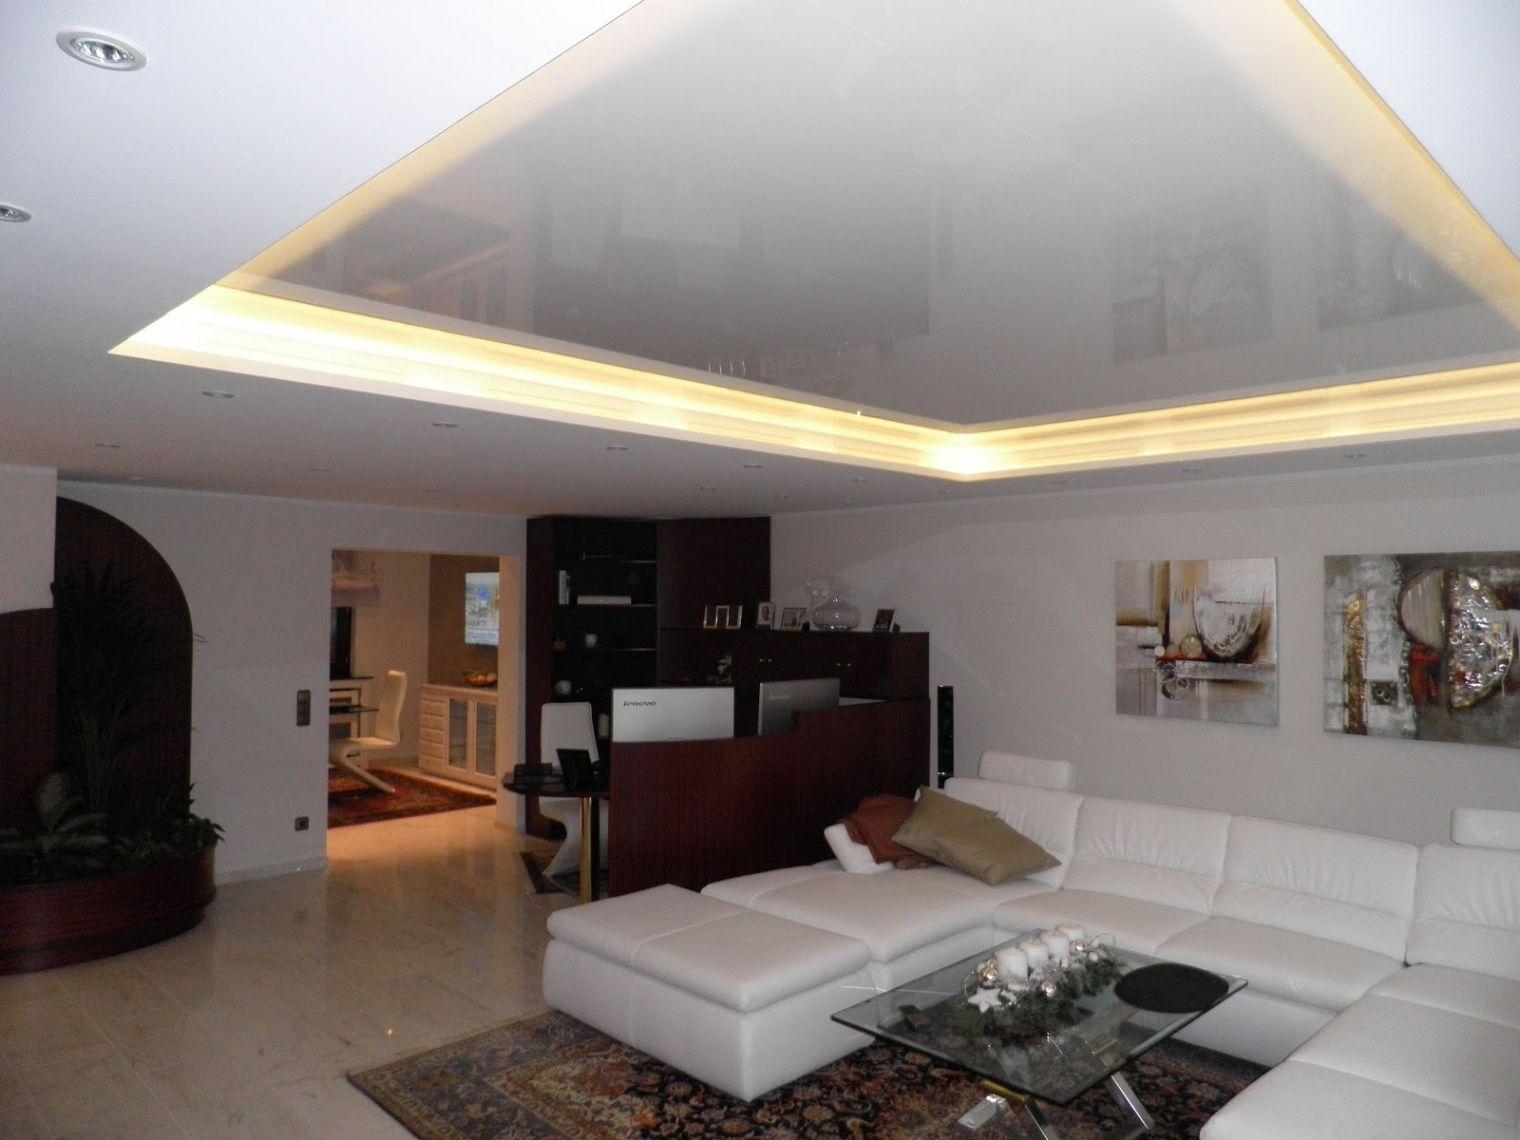 Wohnzimmer Decke ~ Brillant wohnzimmer decke wohnzimmer lampen